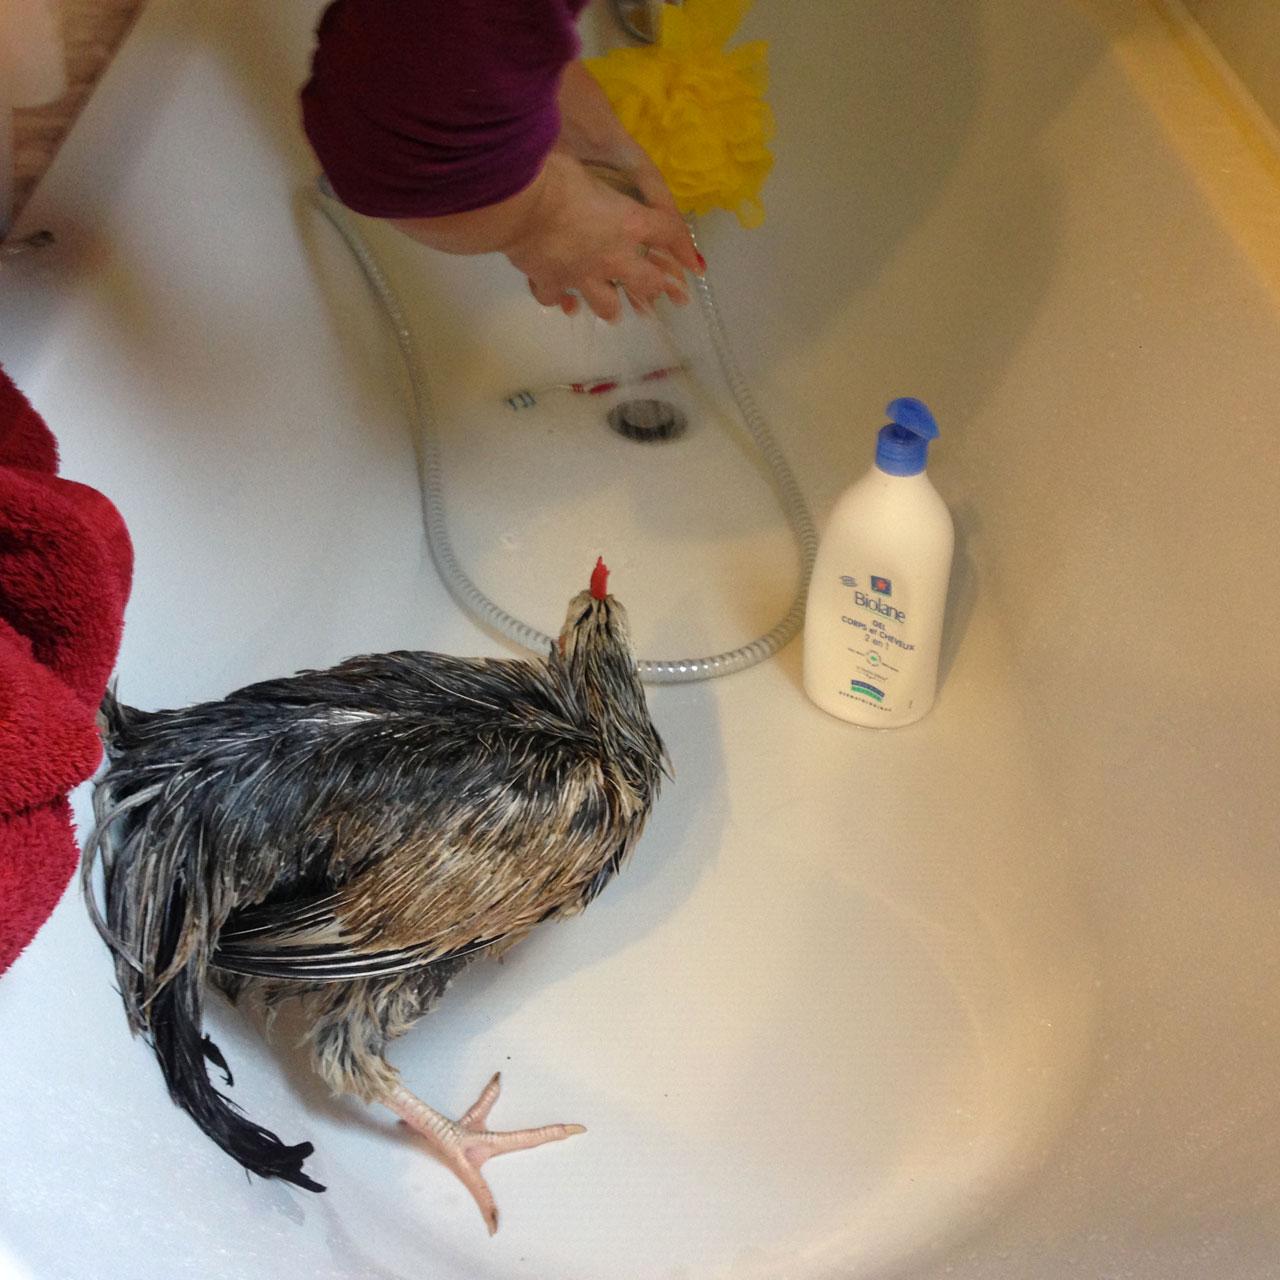 comment laver et s cher votre poule prendre soin de vos poules poules les guides omlet. Black Bedroom Furniture Sets. Home Design Ideas